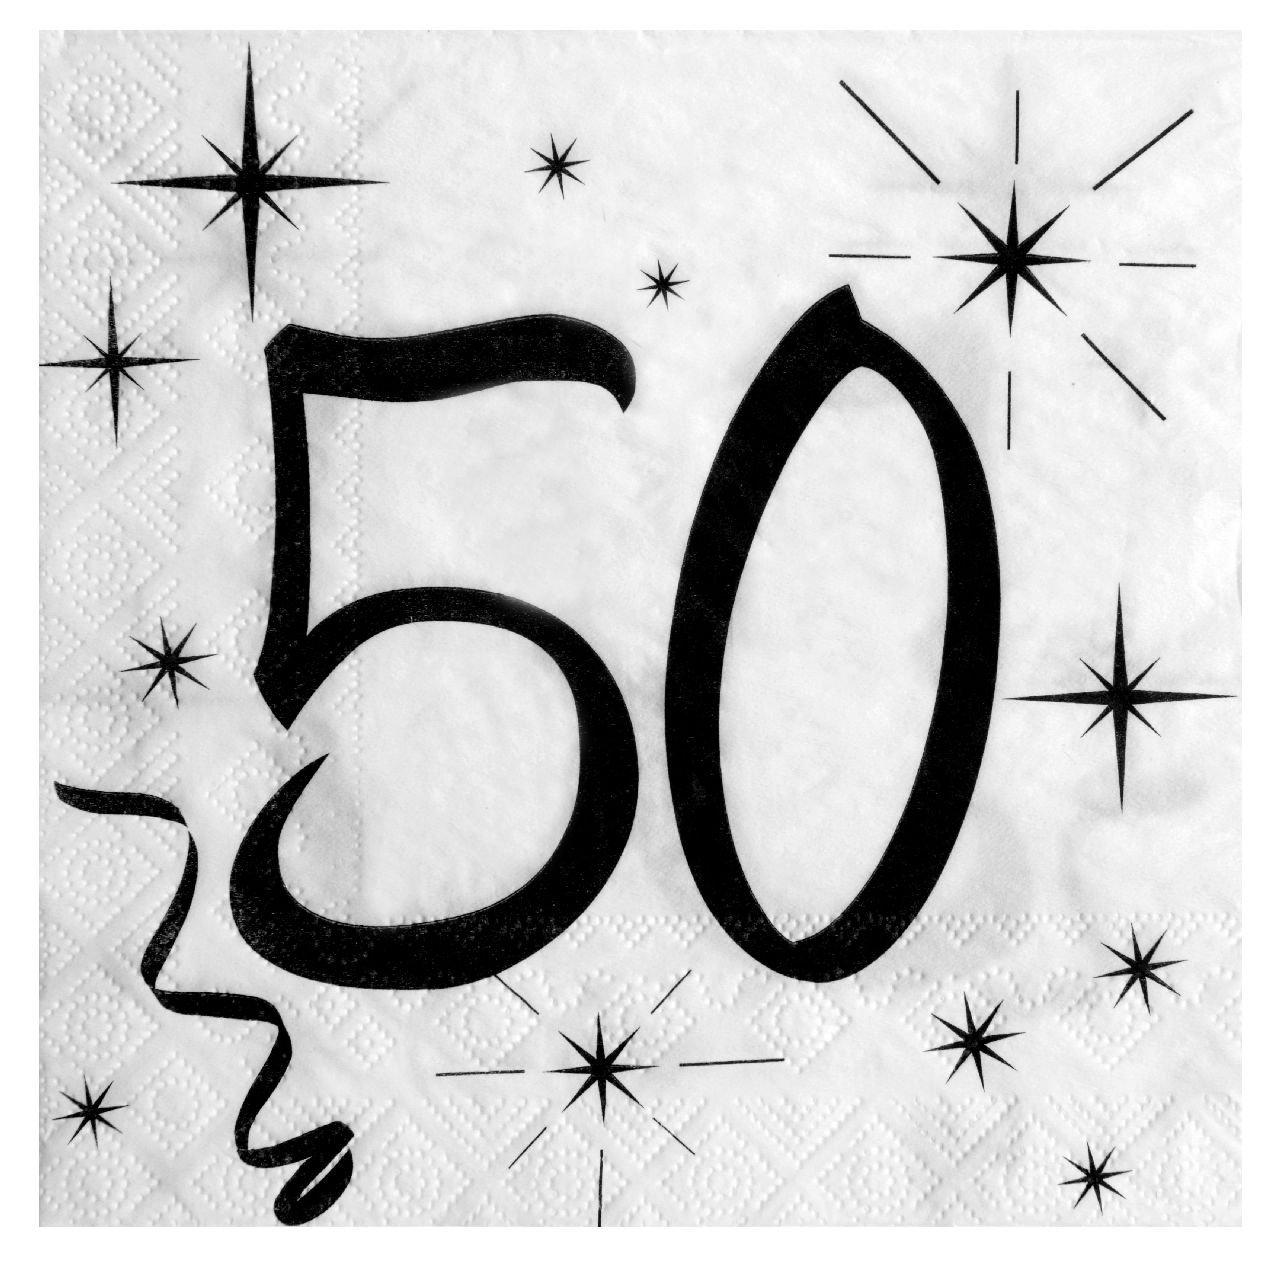 50. Geburtstag Servietten schwarz weiß